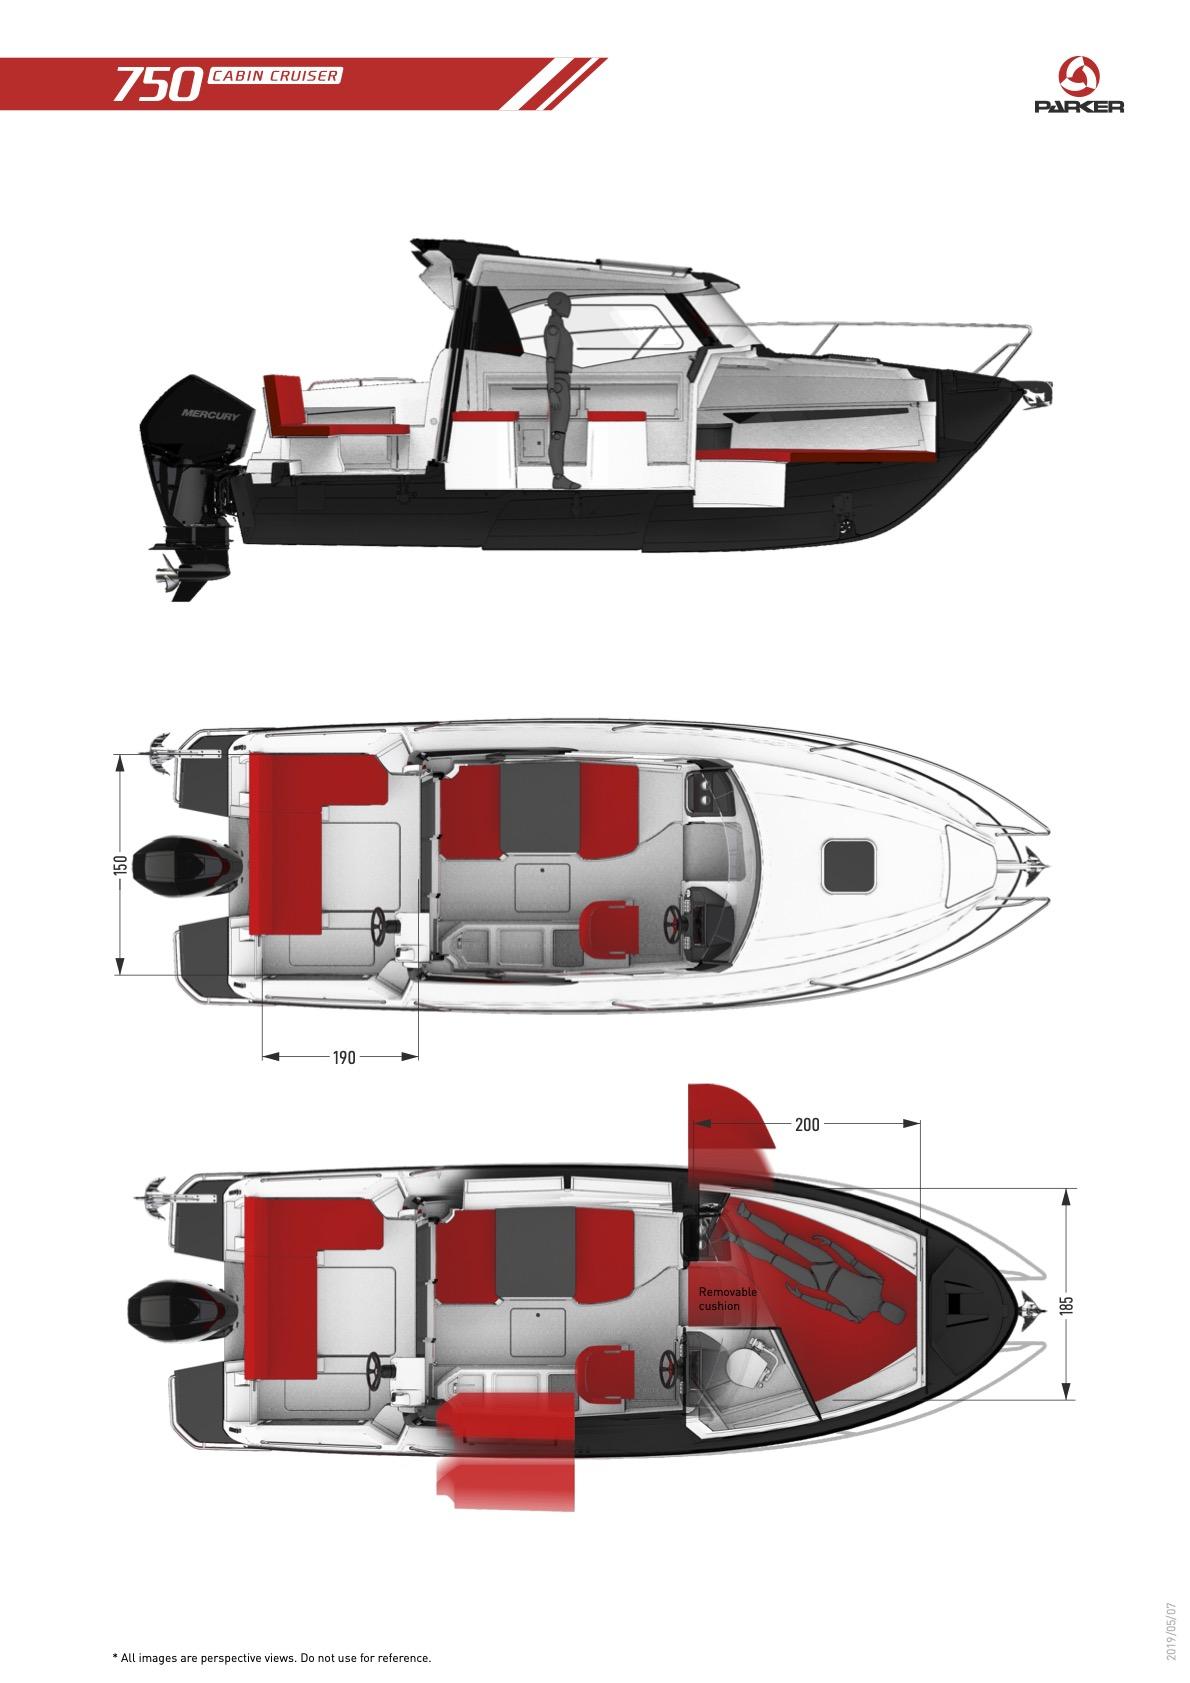 Parker 750 Cabin Cruiser plan de pont intérieur